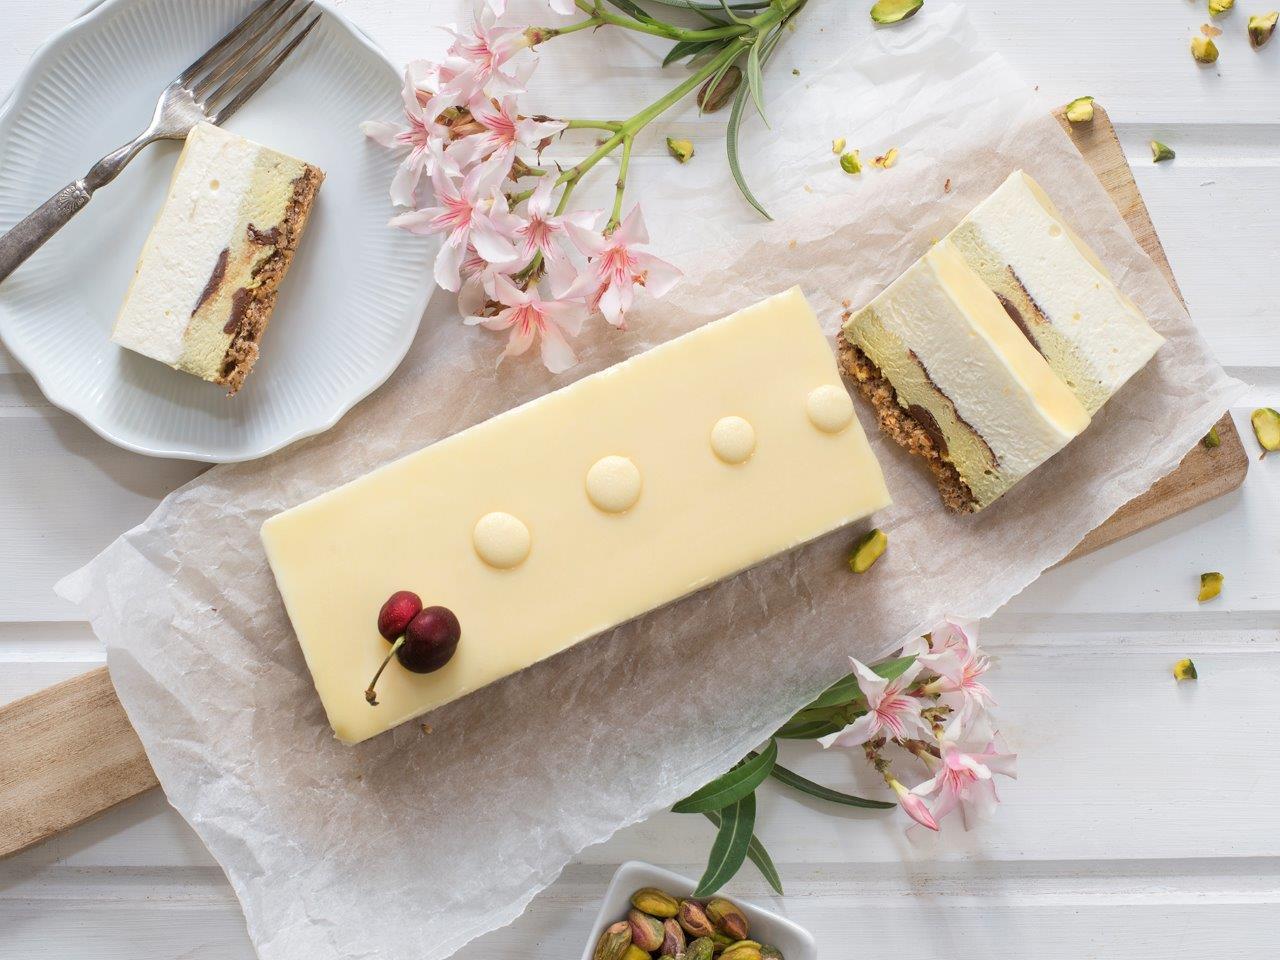 עוגת מוס גבינה עם שוקולד לבן ופיסטוק